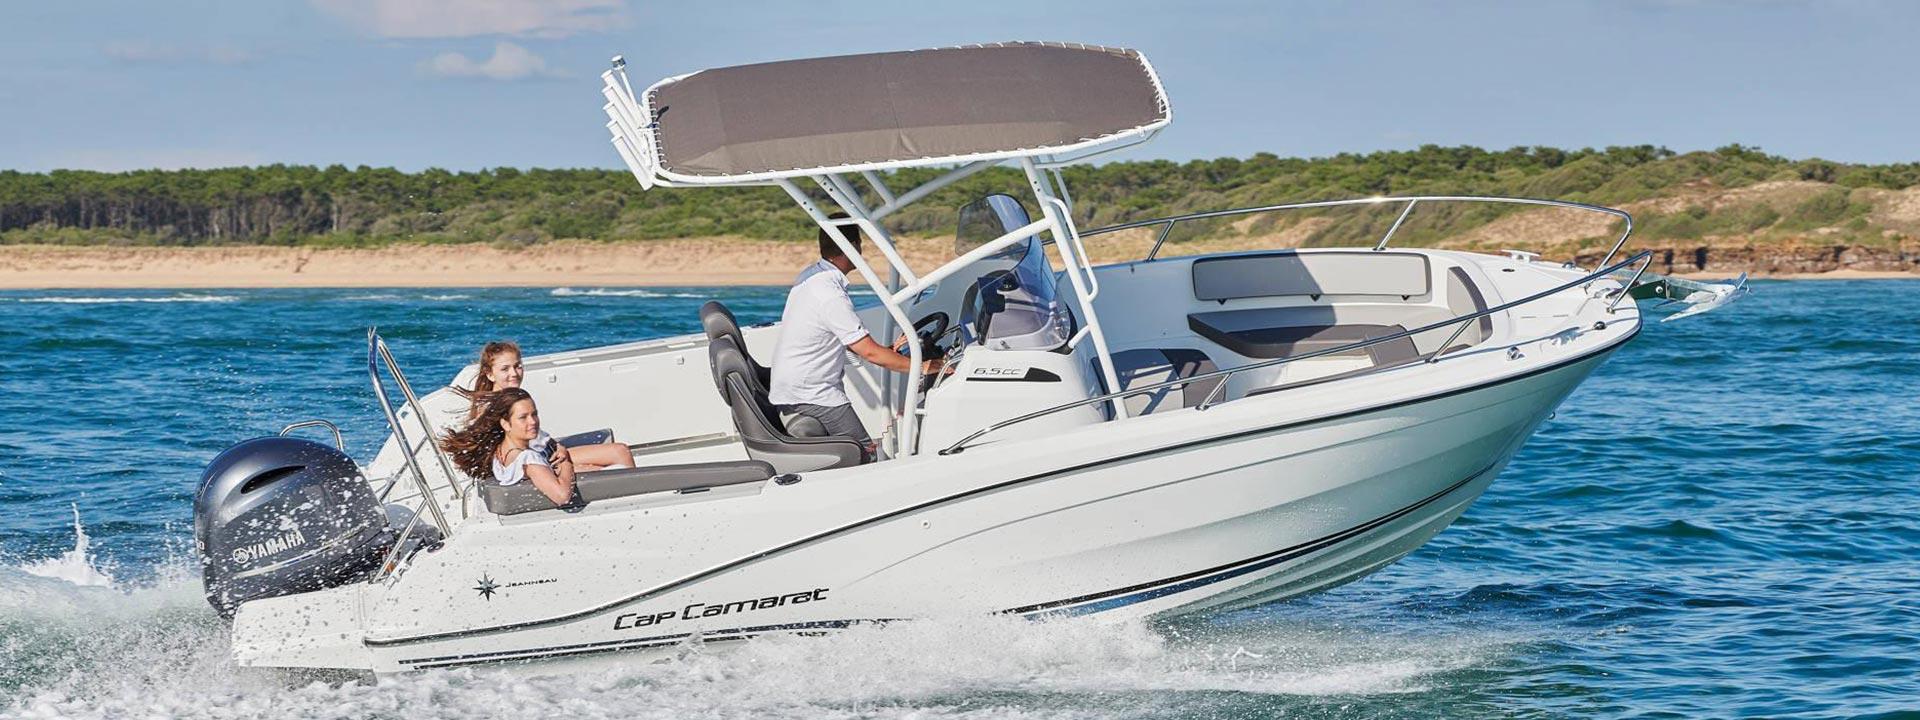 mayer-charter-boat-header-jeanneau-cap-camarat-6.5-01